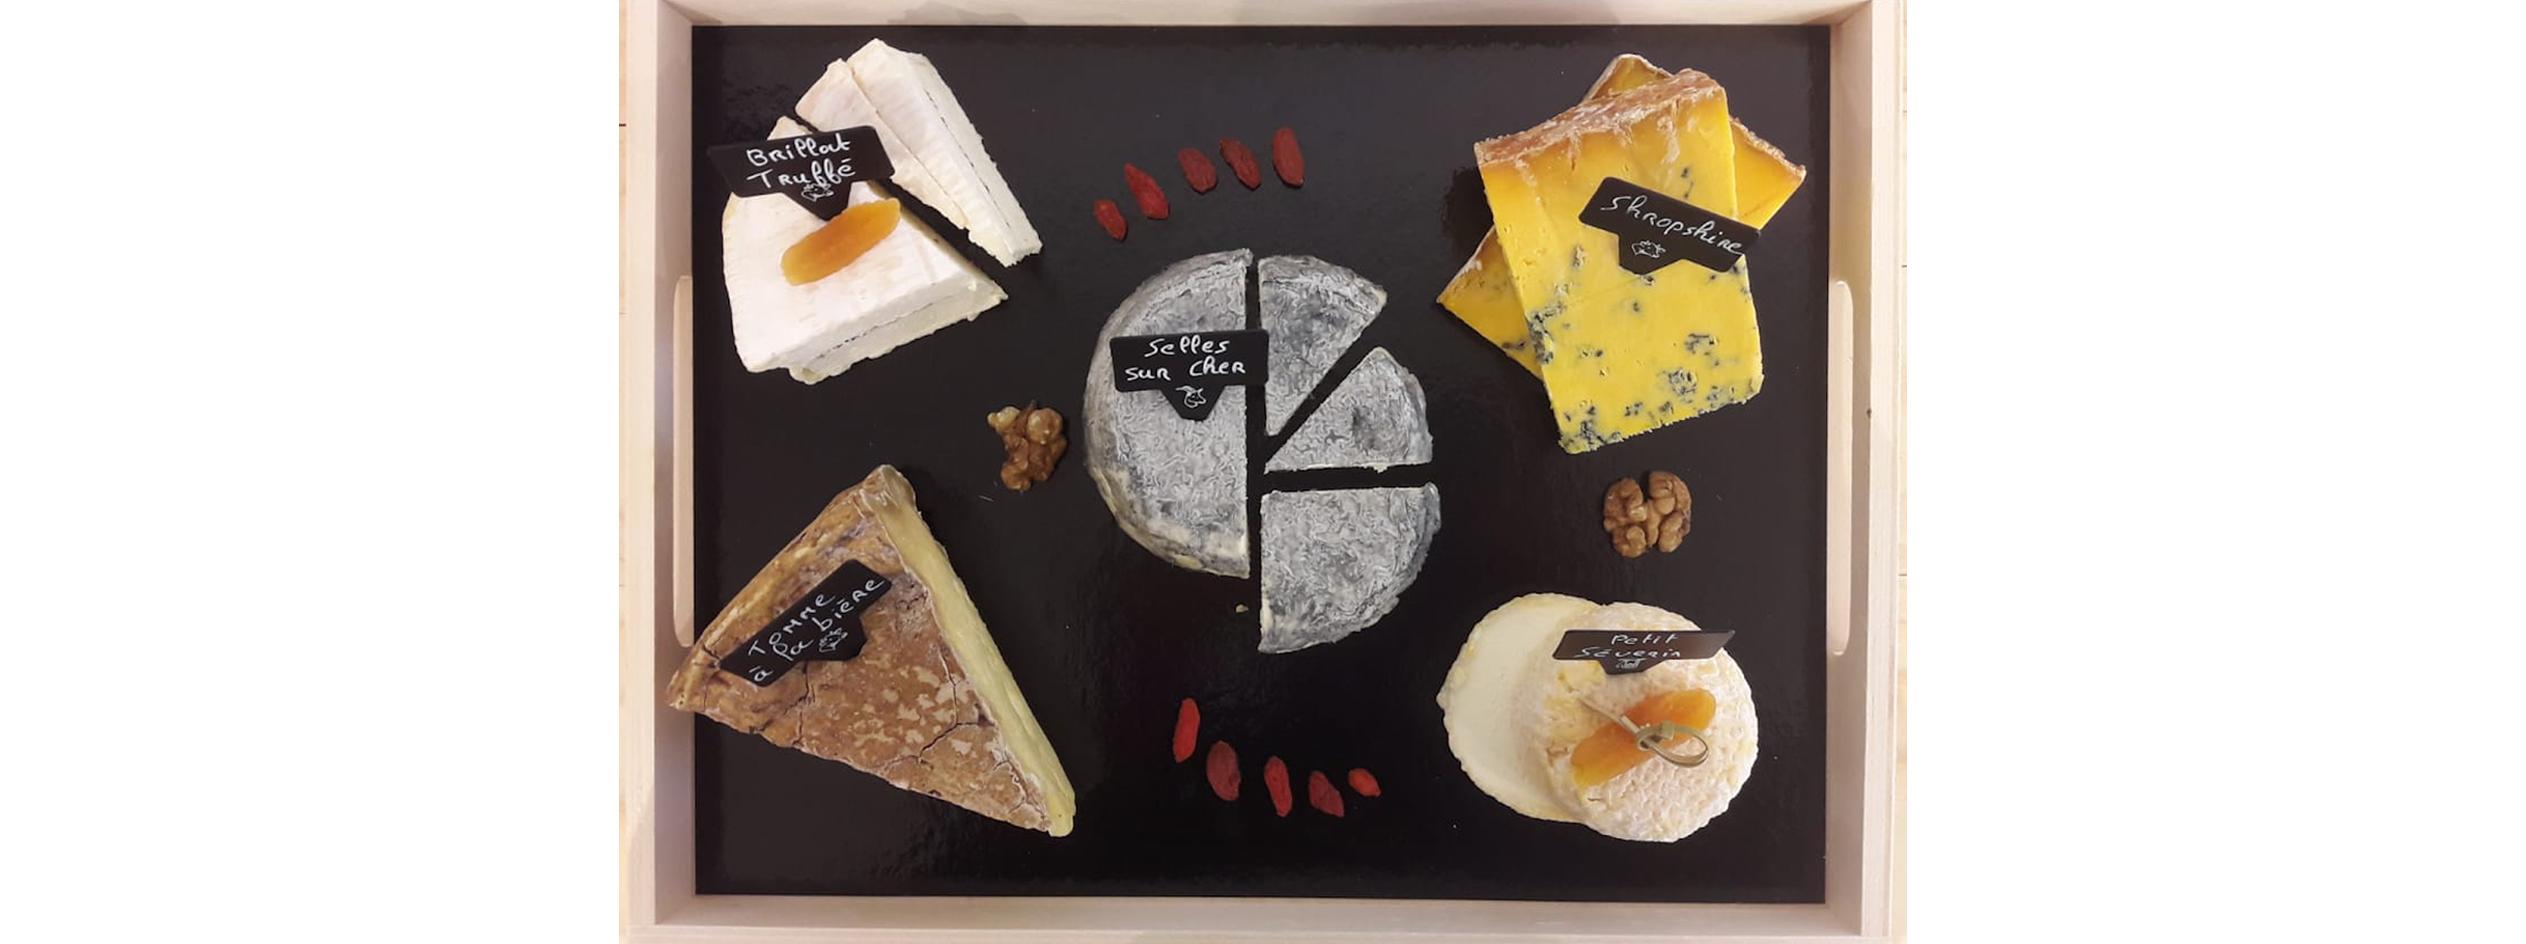 plateaux-fromages-lyon-livraison